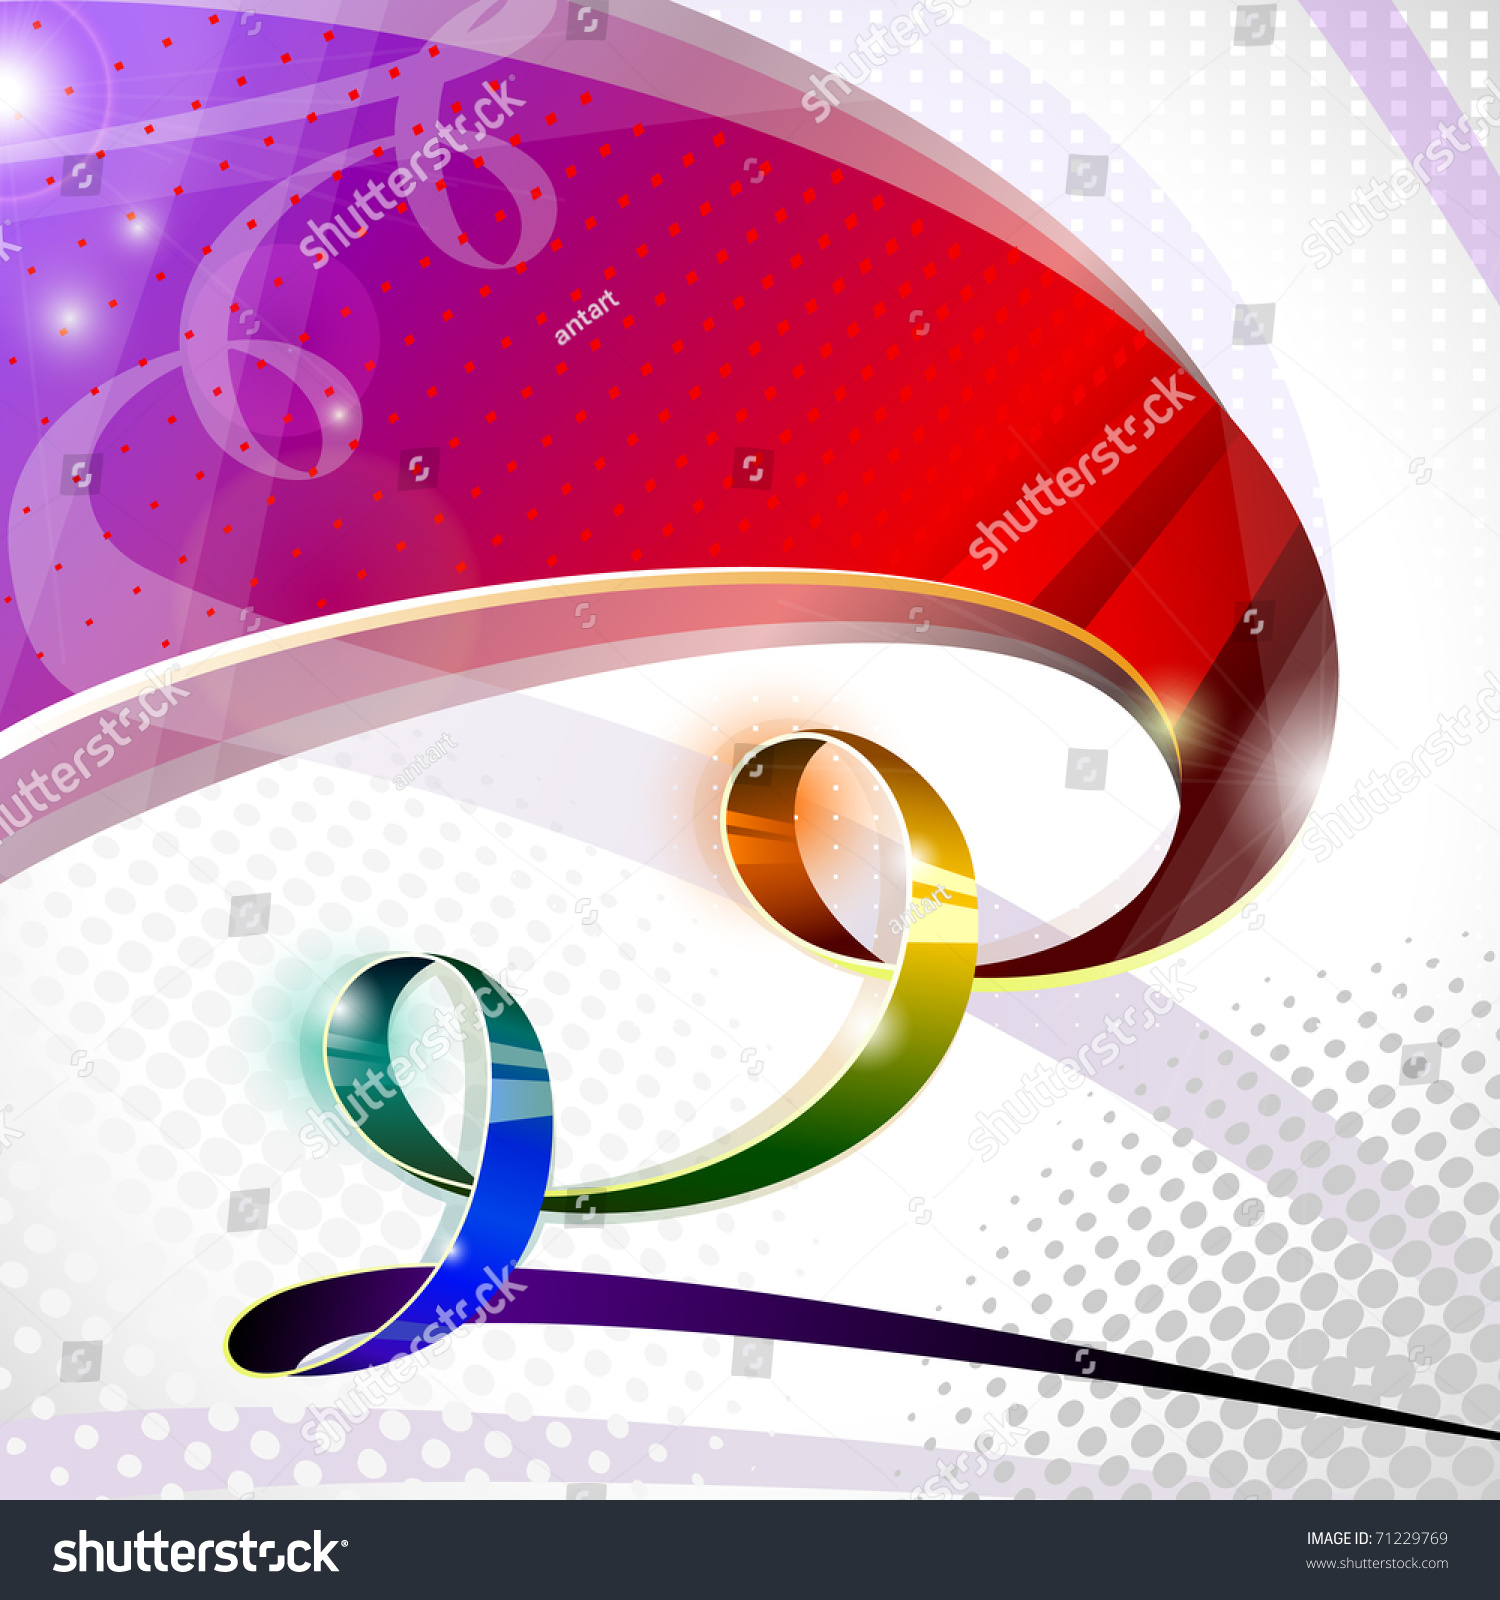 彩虹旗头像生成